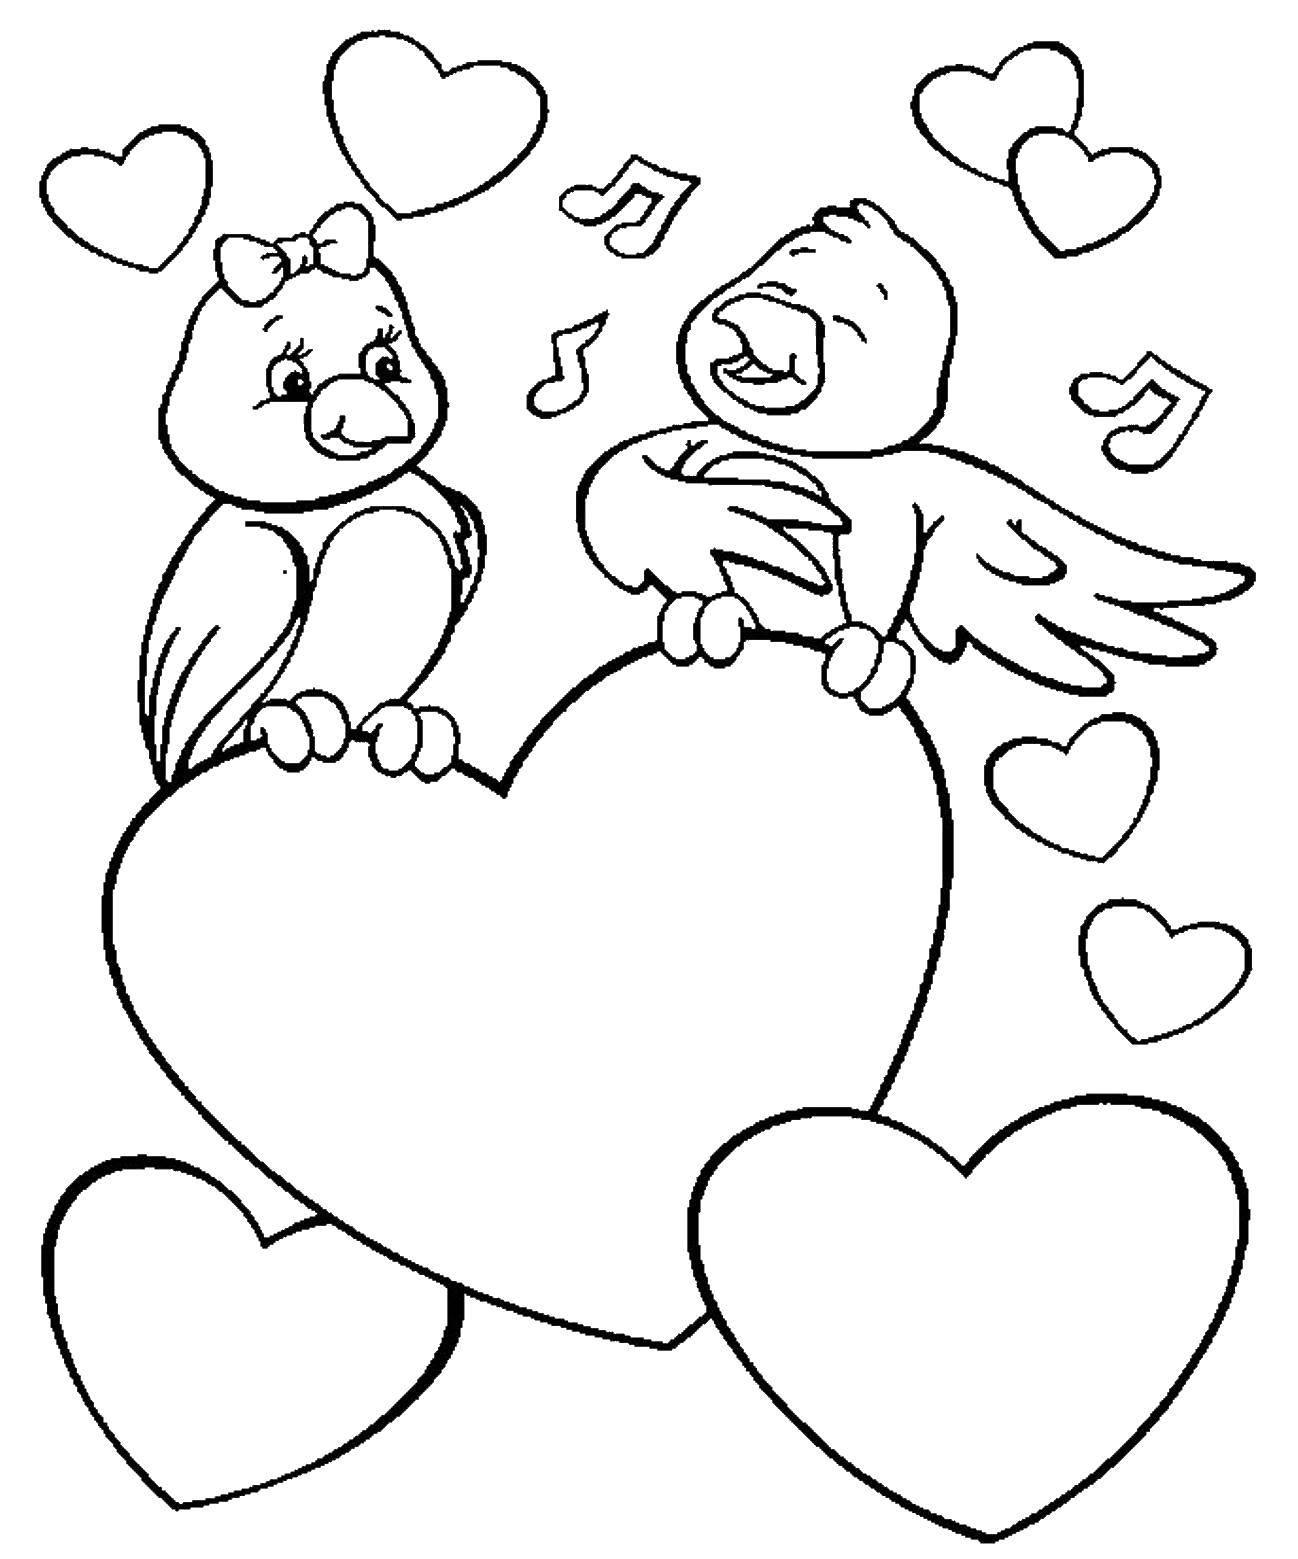 Раскраска Две птички и сердечки Скачать птички, сердечки, ноты.  Распечатать ,Я тебя люблю,